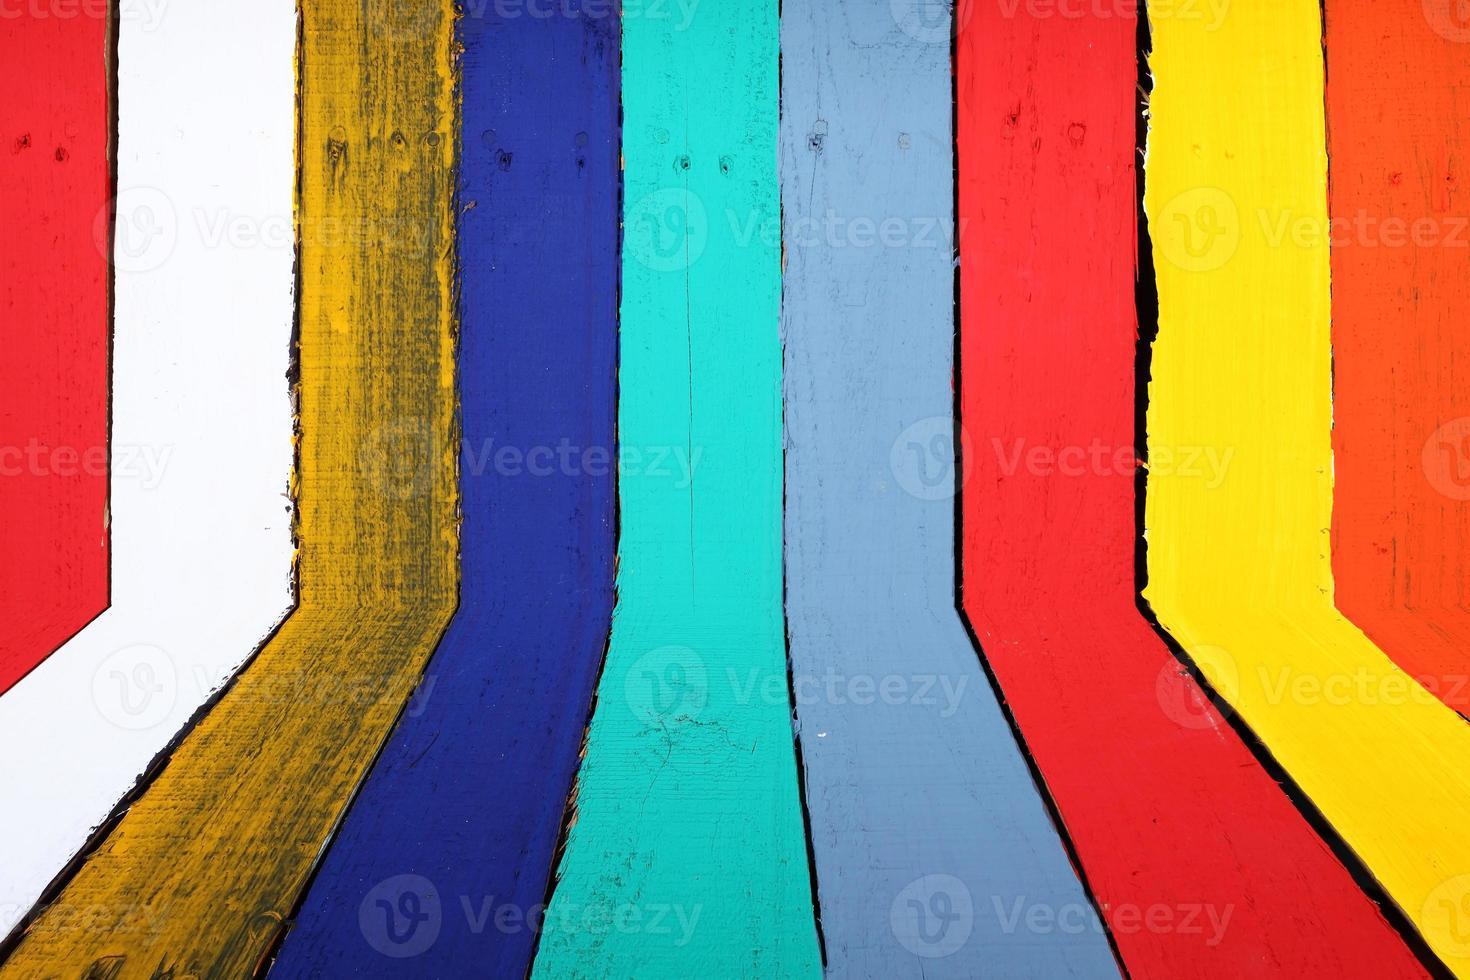 färgglada perspektivvägg foto